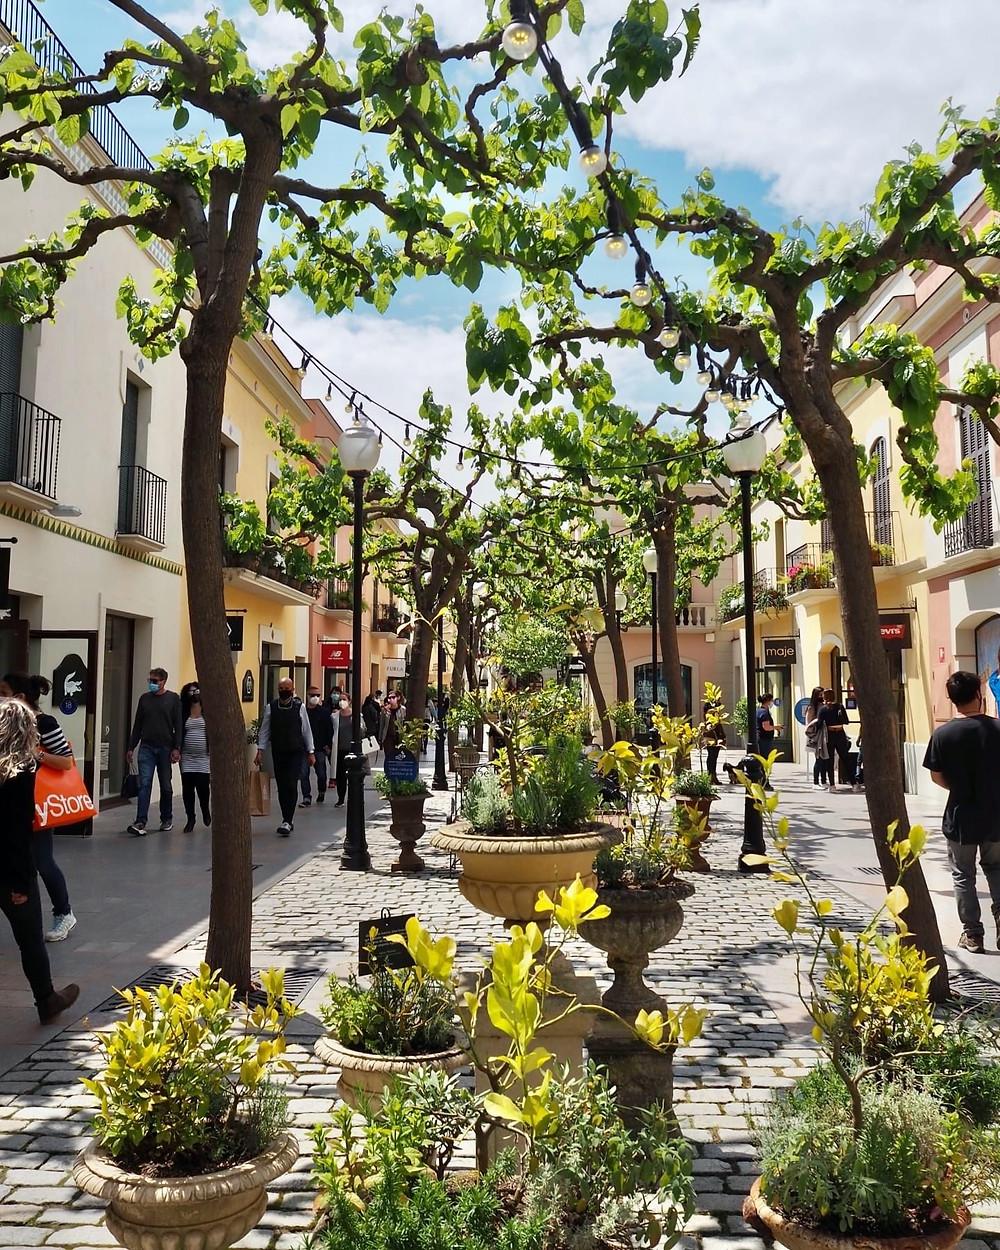 Designer outlet shopping near Barcelona at La Roca Village